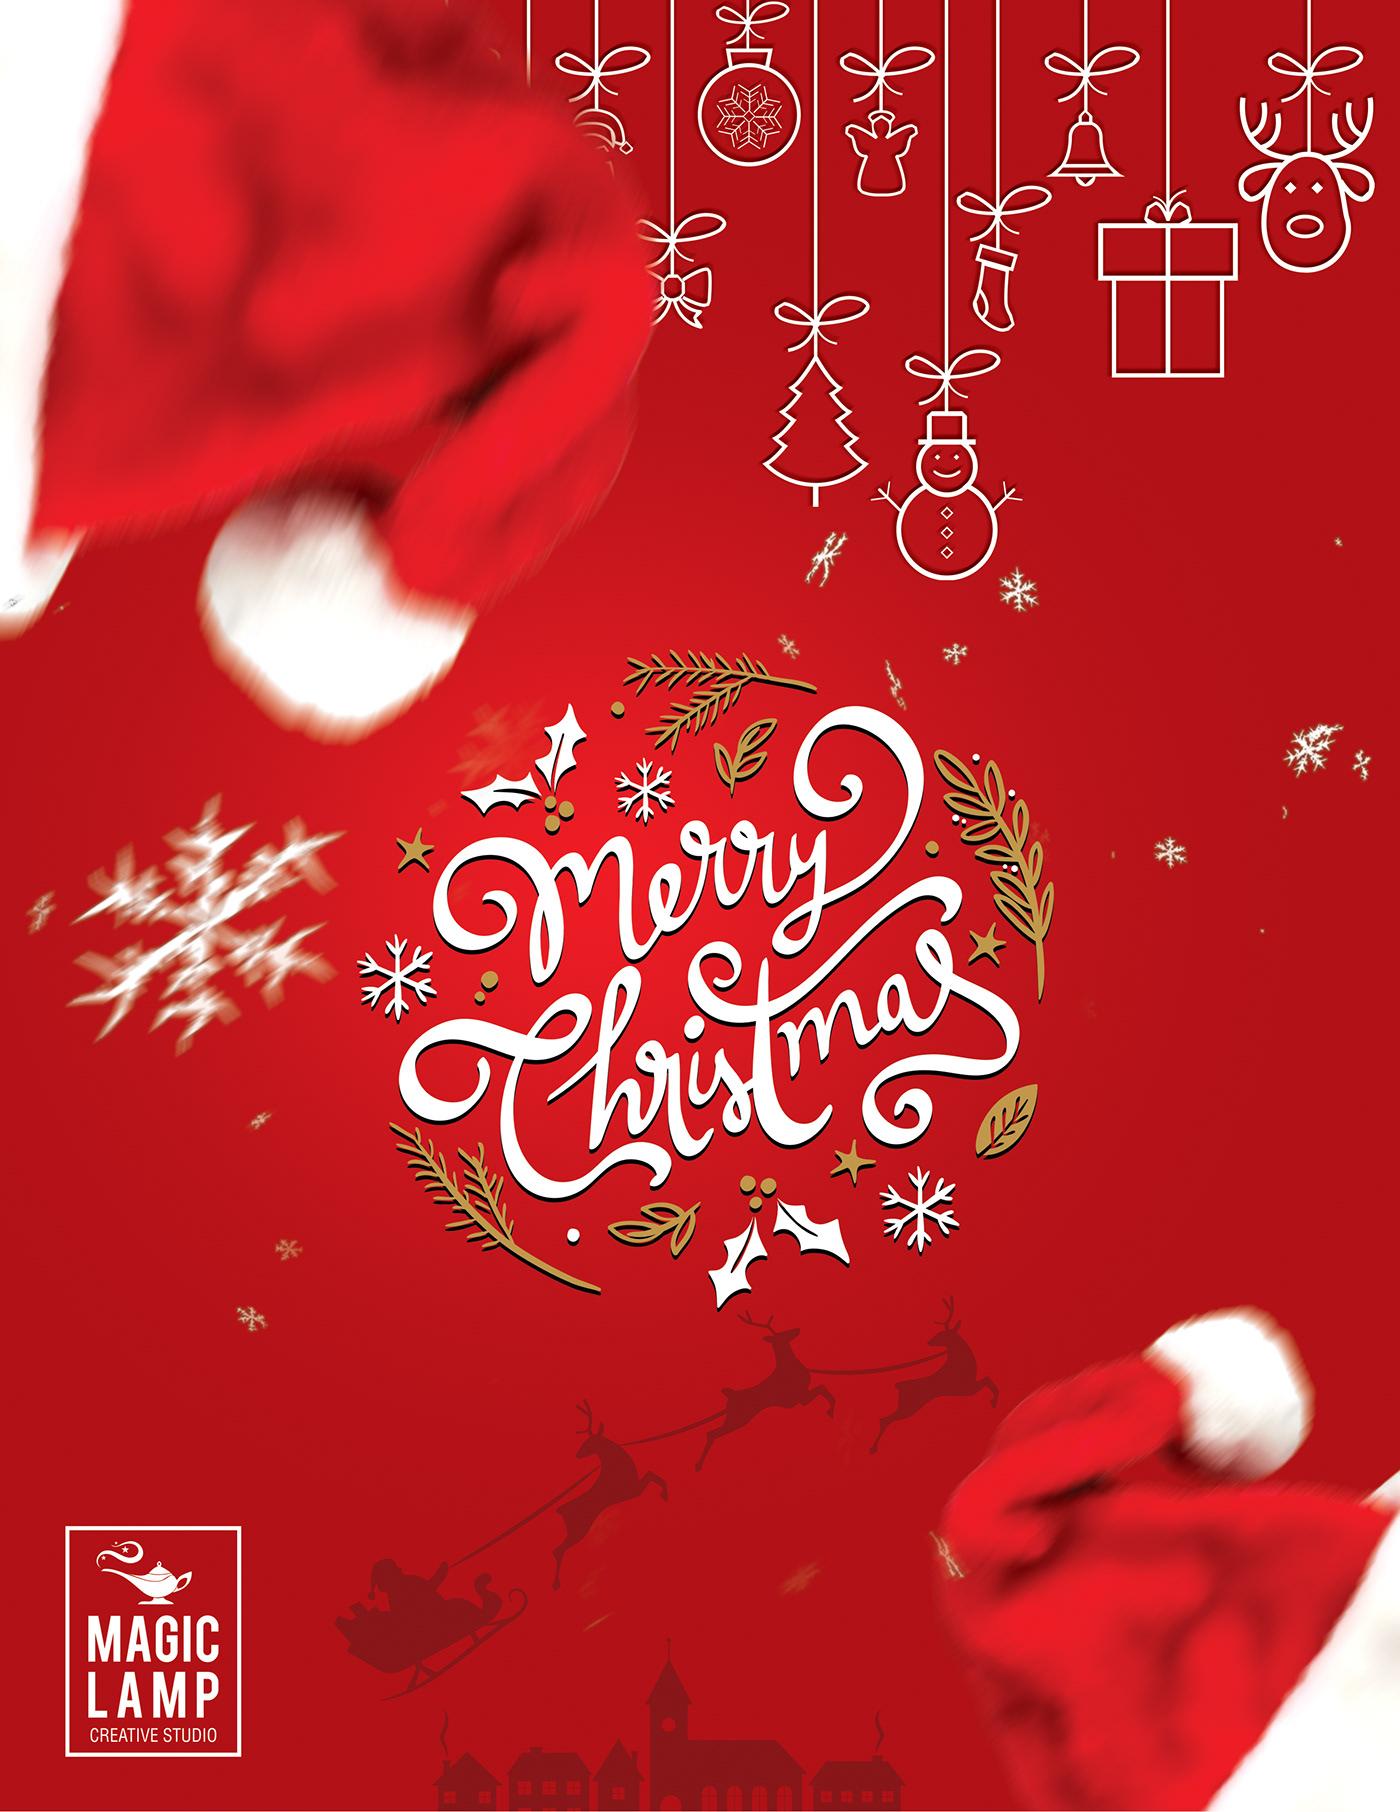 高質量的23款聖誕節海報欣賞